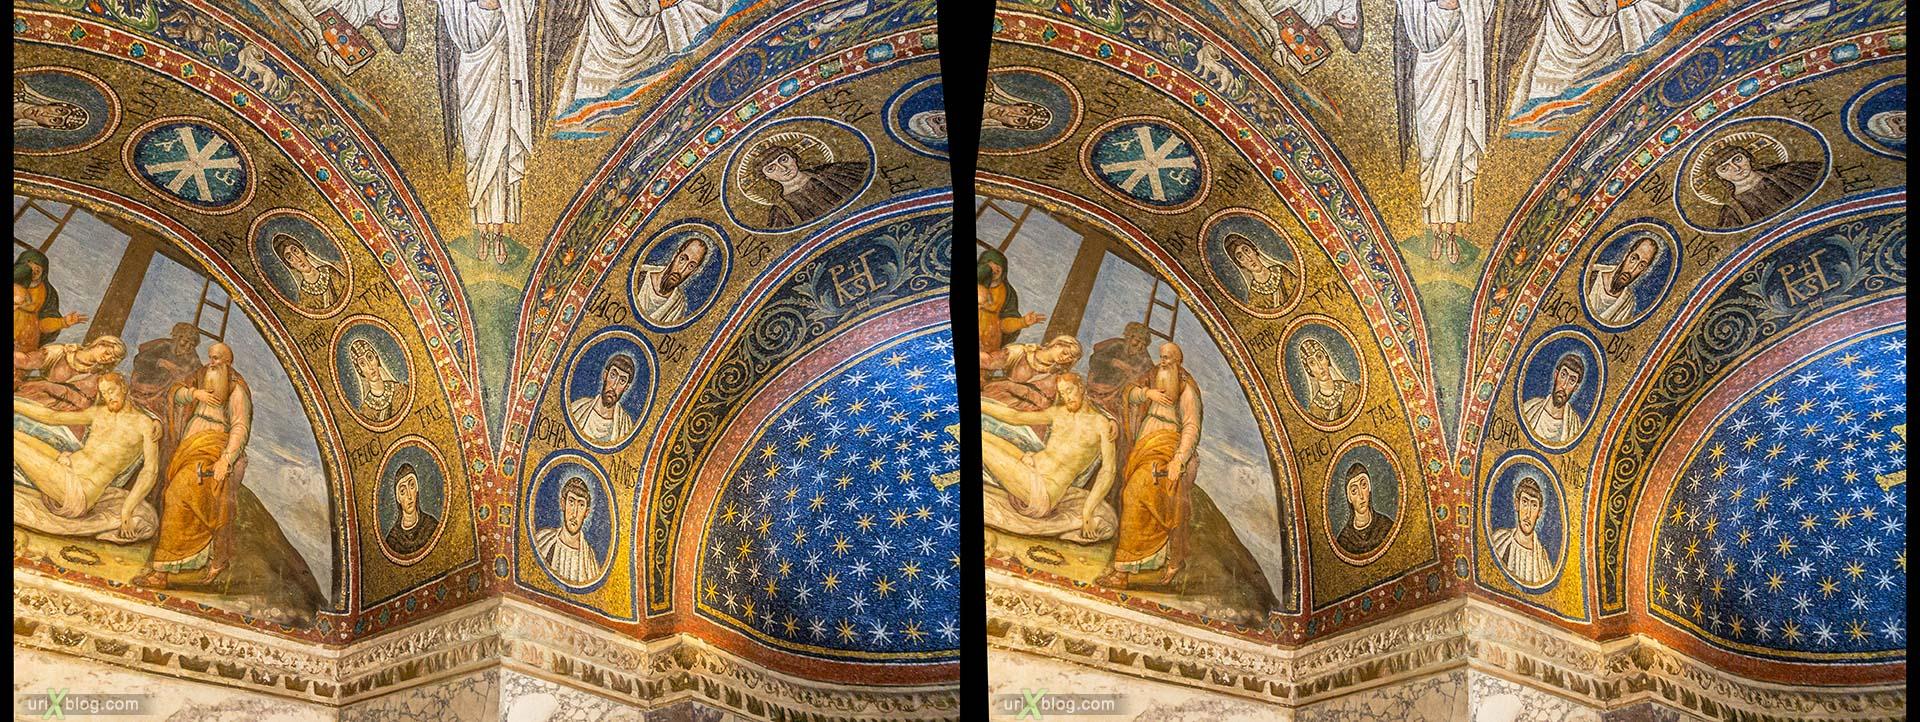 Архиепископская часовня Святого Андрея, мозаика, Равенна, Италия, 3D, перекрёстная стереопара, стерео, стереопара